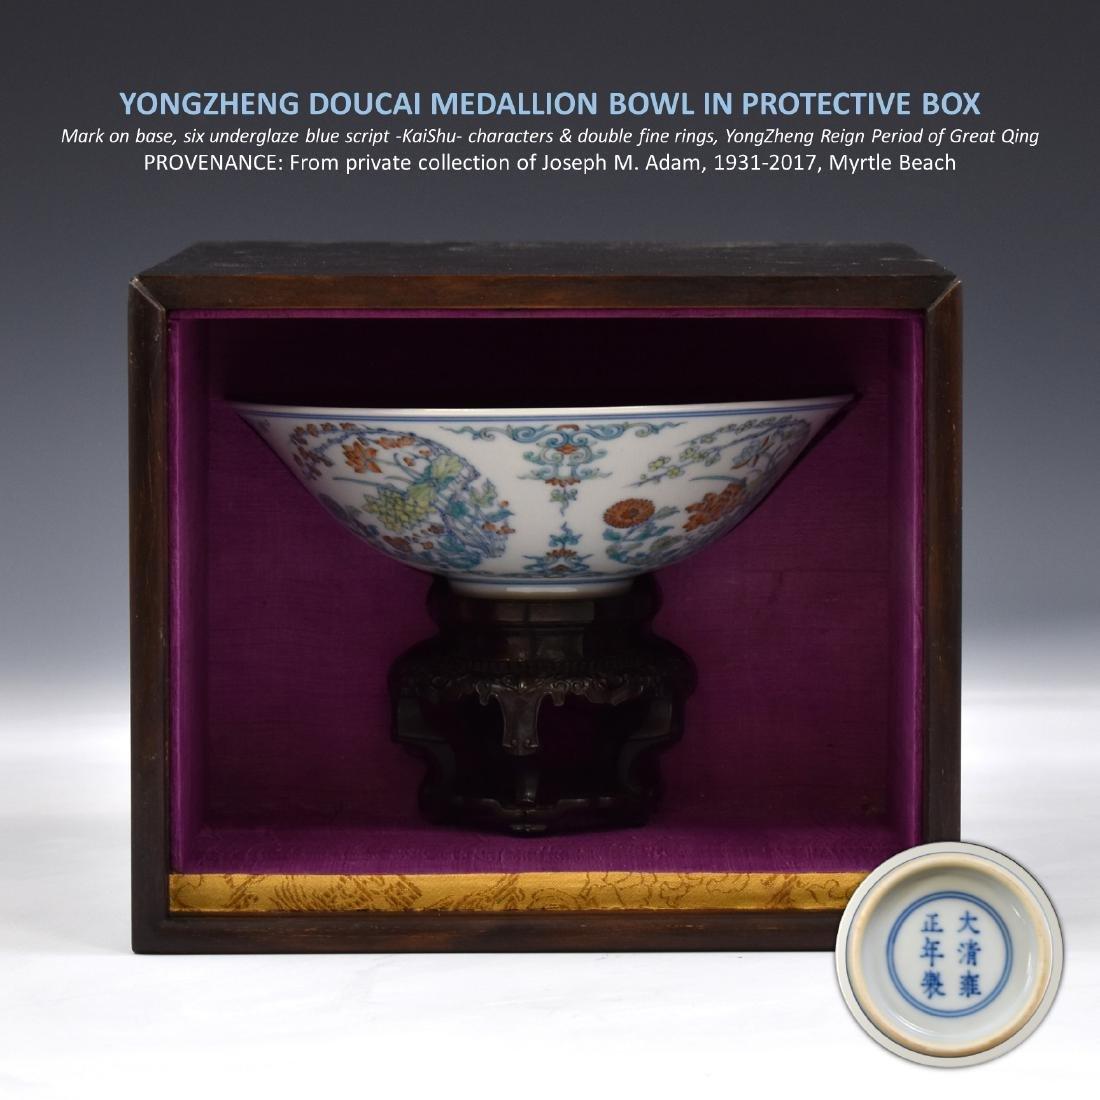 YONGZHENG DOUCAI BOWL IN PROTECTIVE BOX